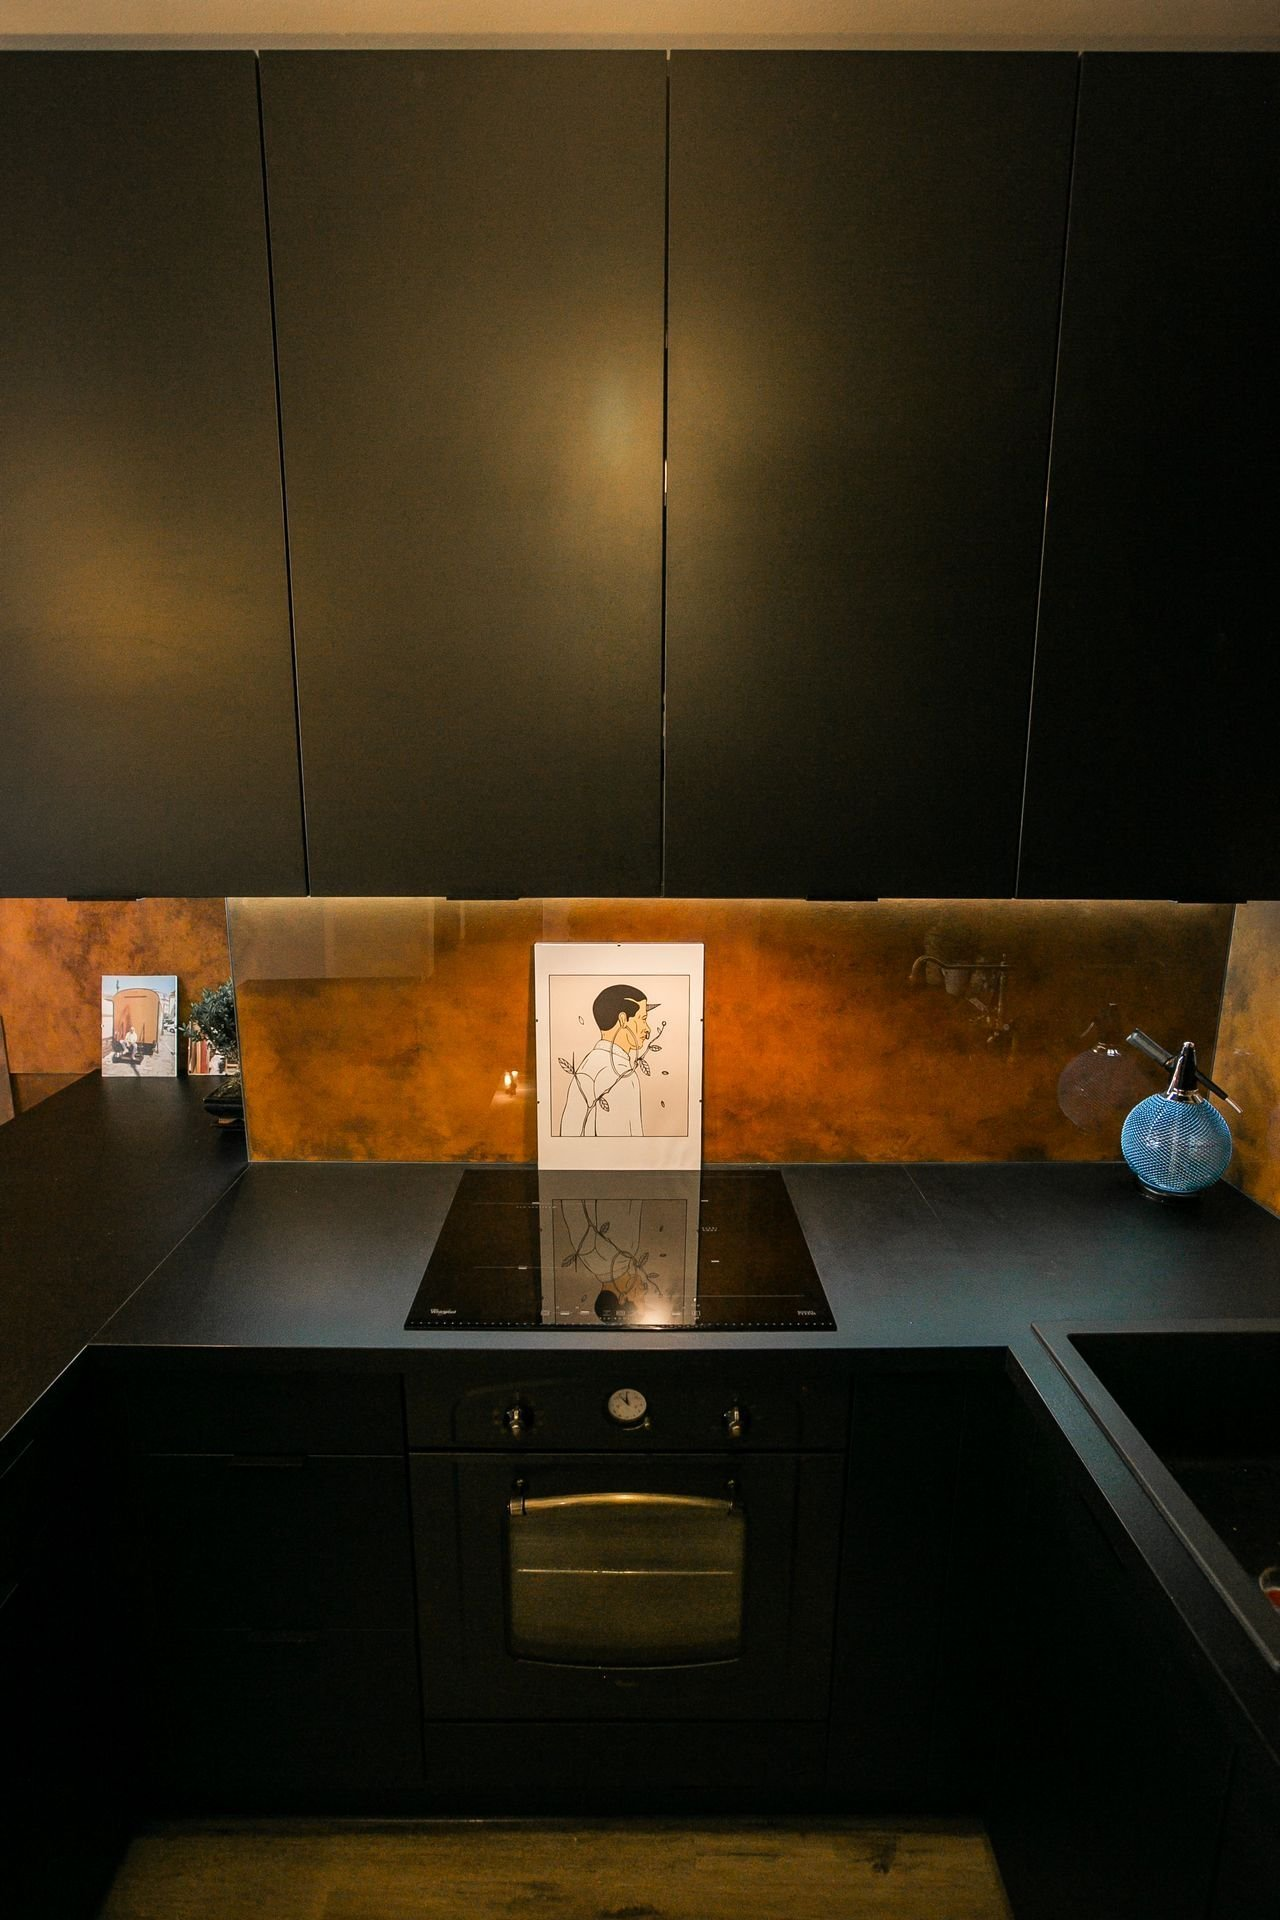 Použité materiály  Skrinky: Čierny mat Pracovná doska: Čierny mat Osvetlenie: LED studená biela Zástena: benátsky štuk